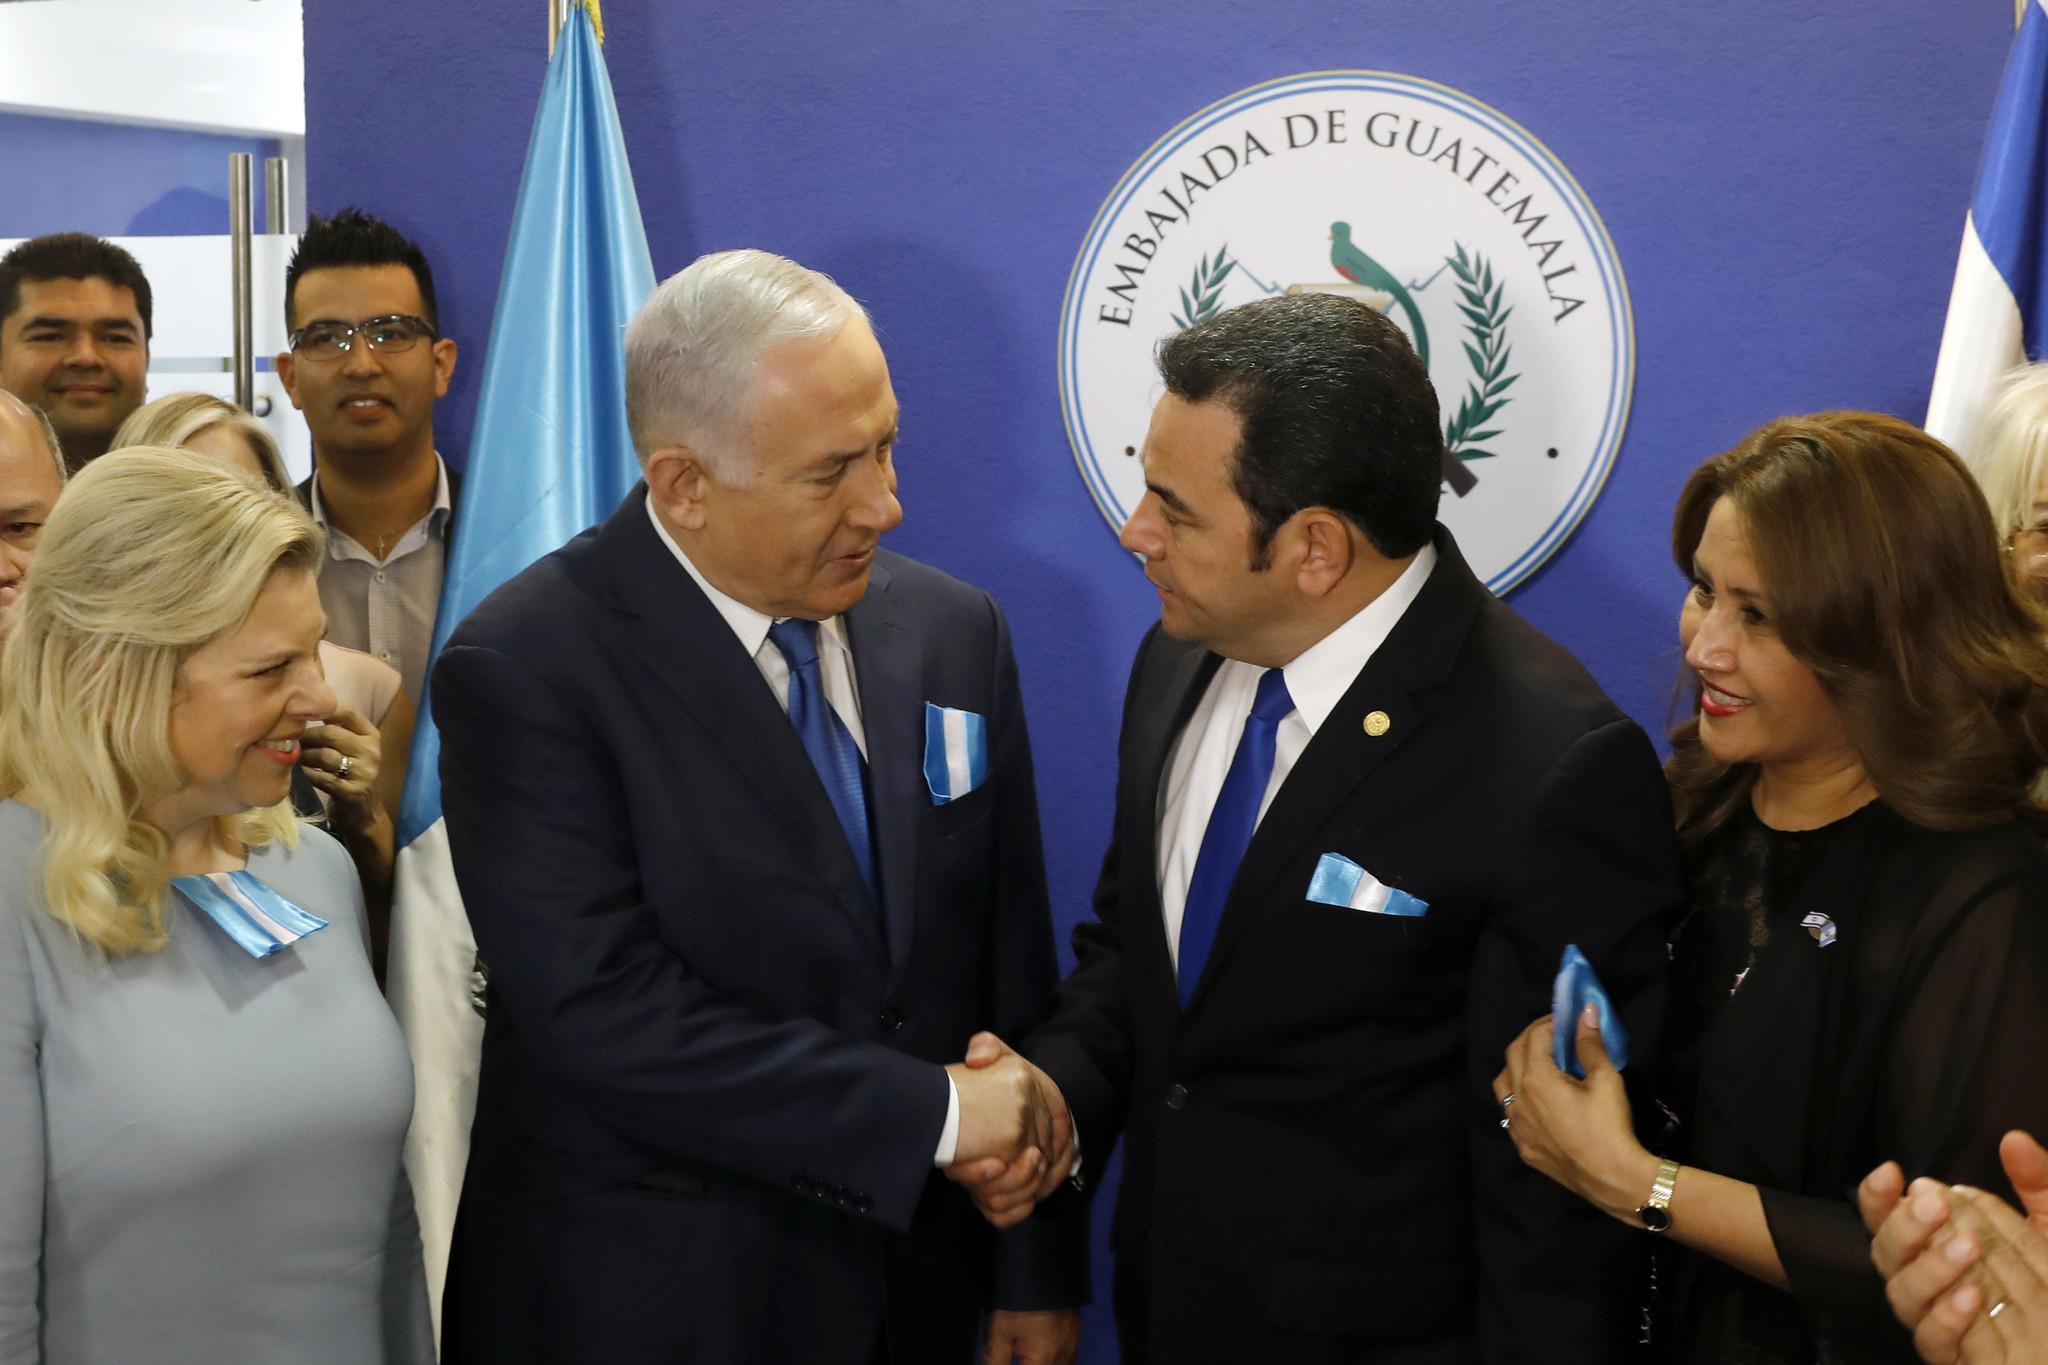 Following U.S. lead, Guatemala moves embassy to Jerusalem